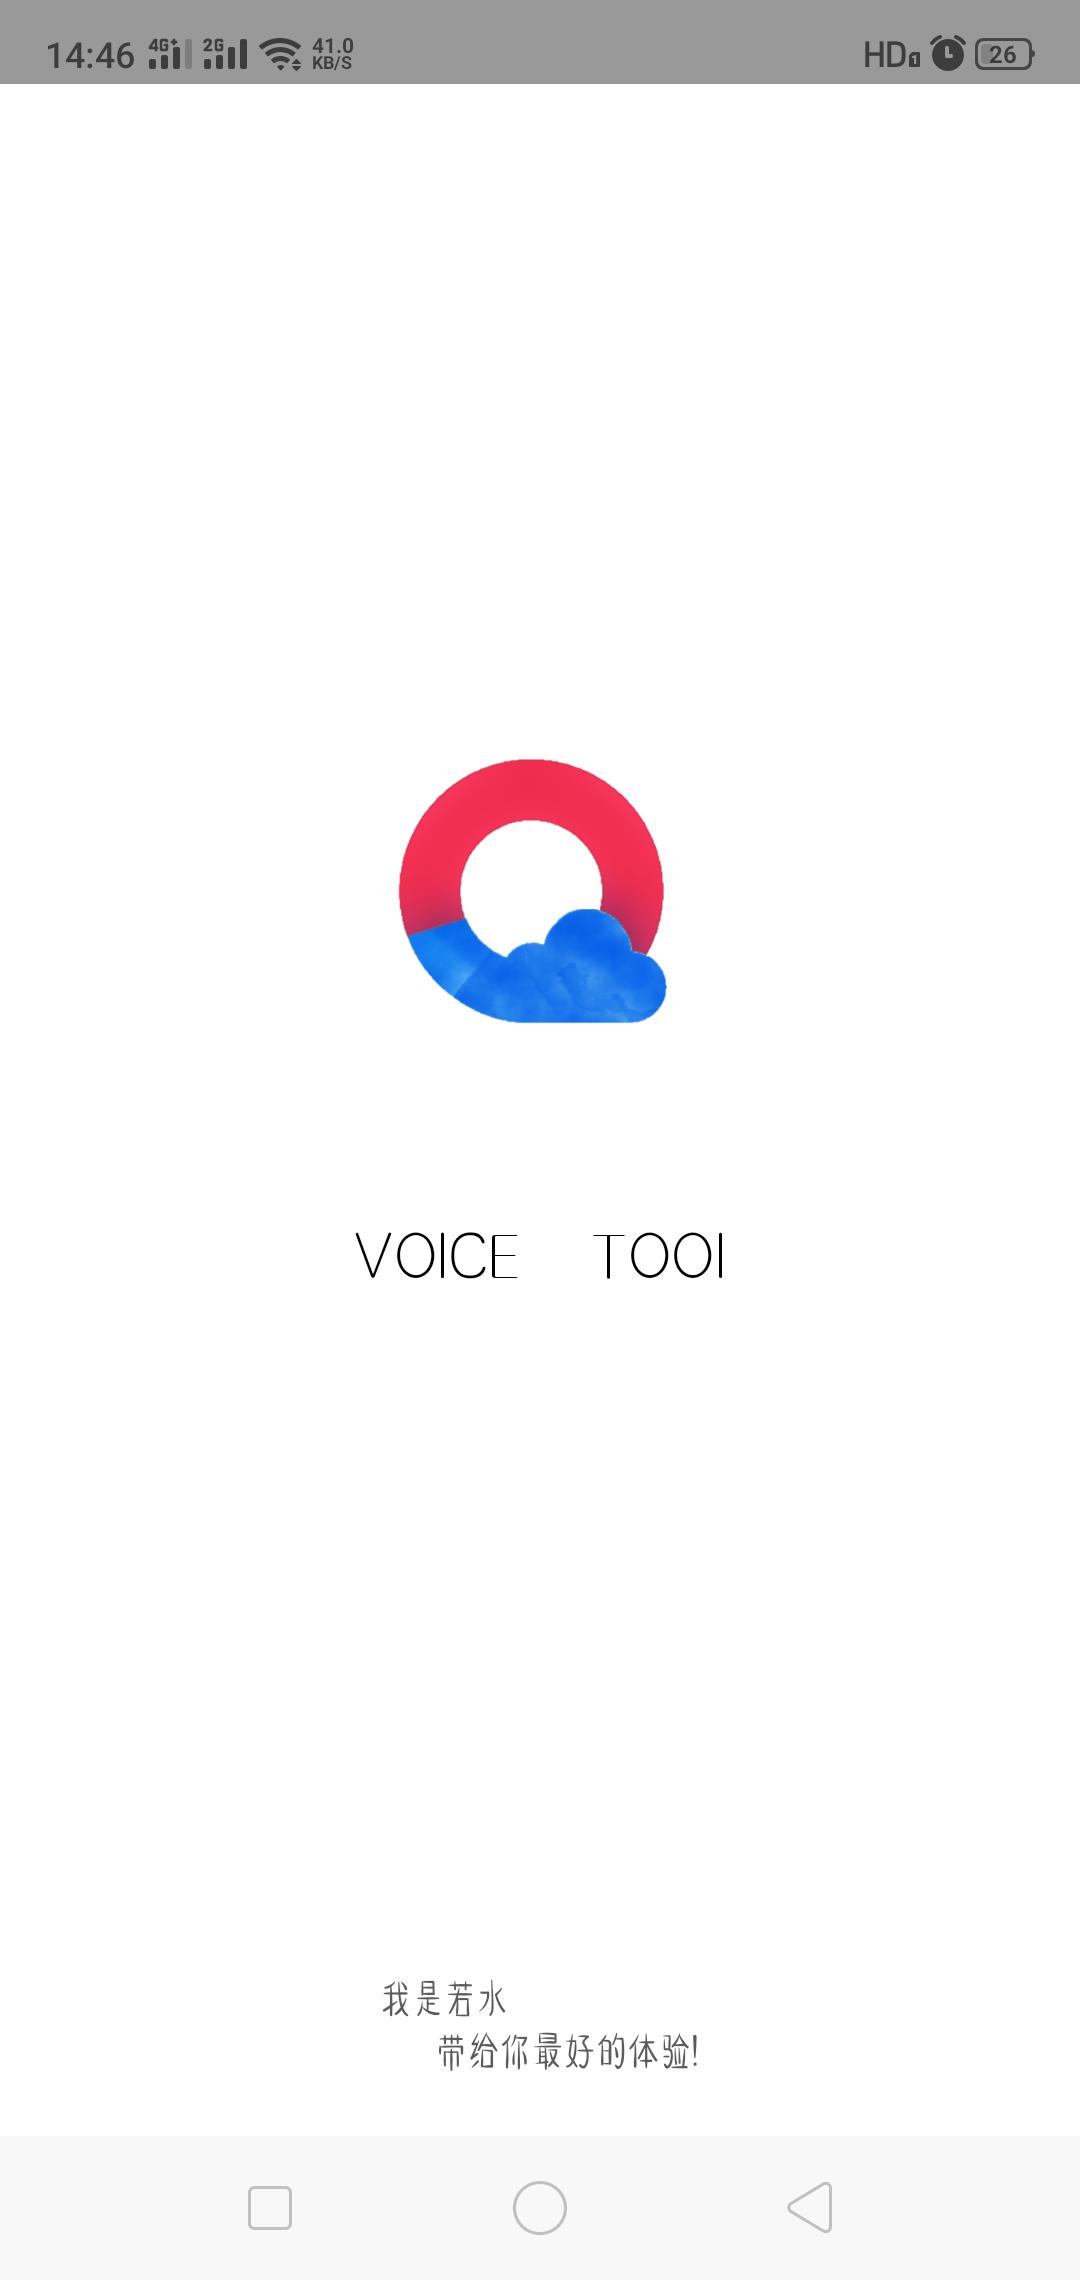 VOICE  TOOl《您的语音助手》